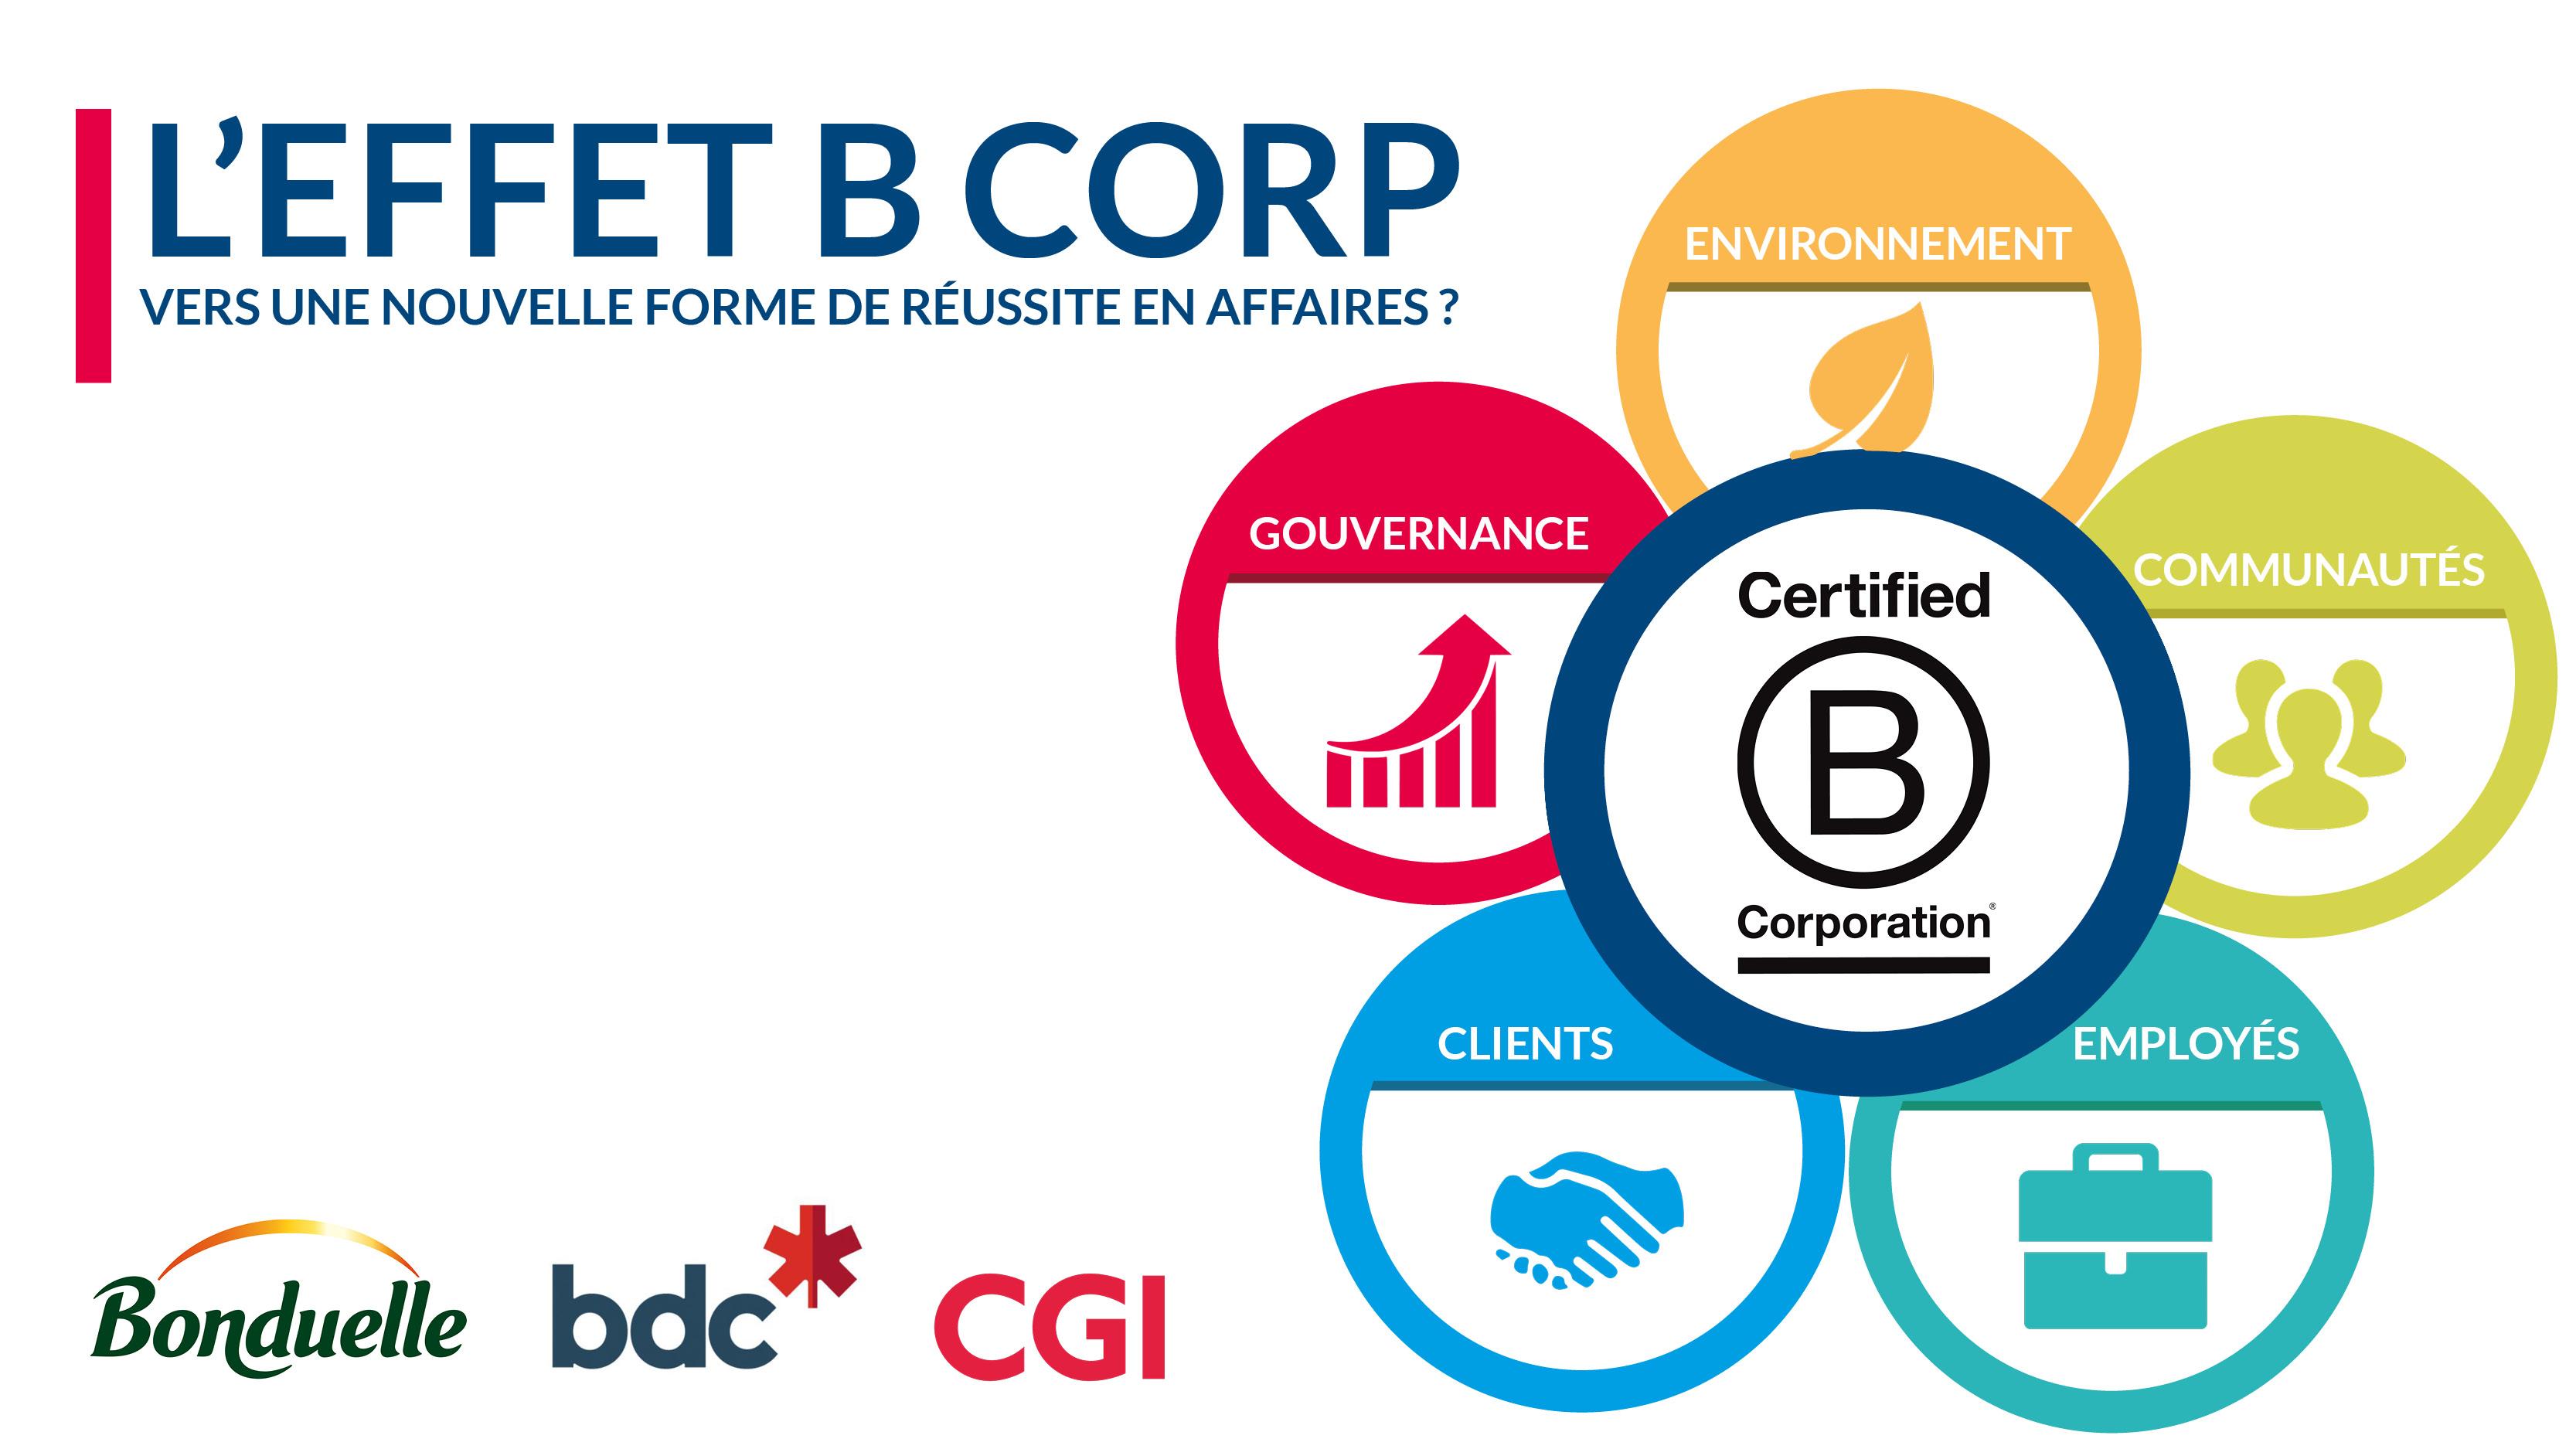 L'effet B CORP: vers une nouvelle forme de réussite en affaires?